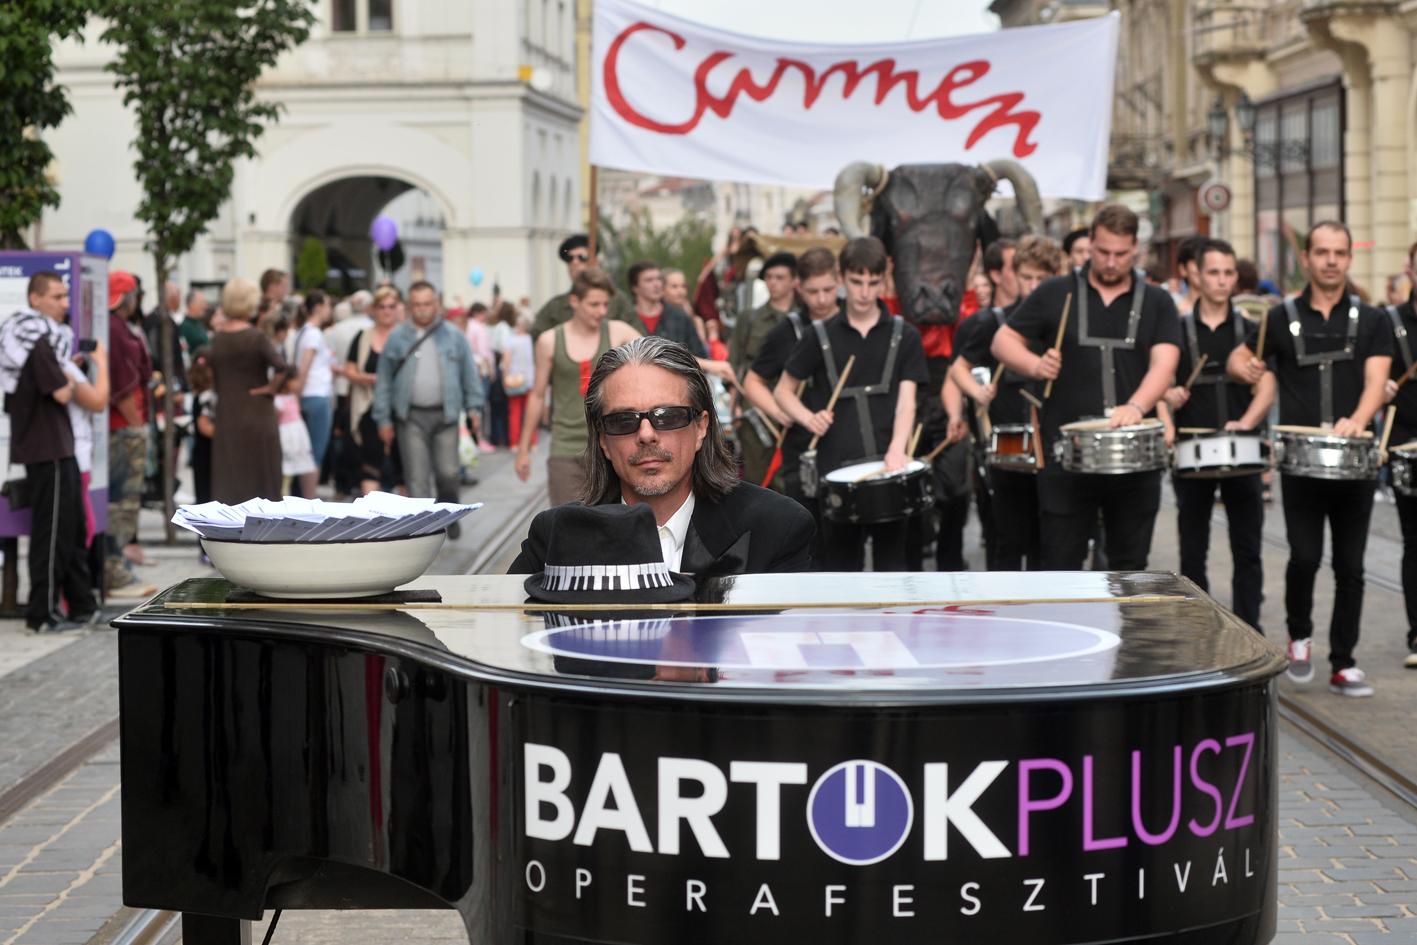 Bartok Plusz Opera Festival di Miskolc in Ungheria